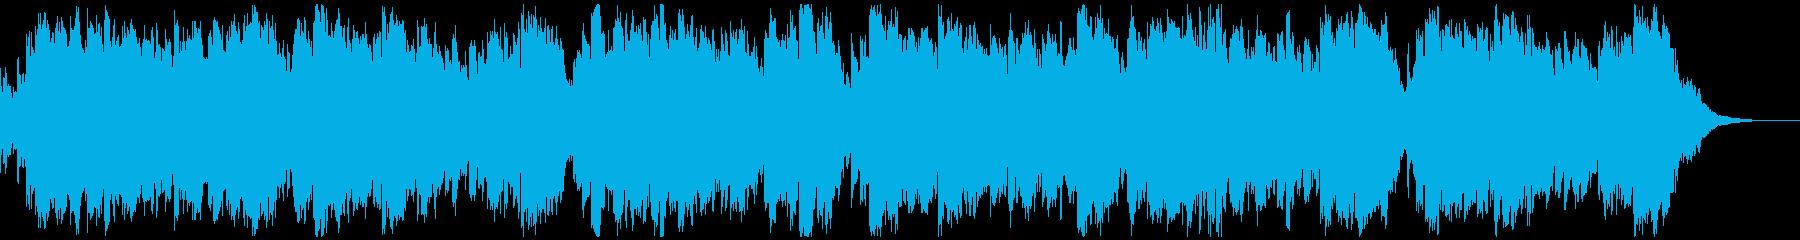 チェロの音色が心地よいリラックス用BGMの再生済みの波形